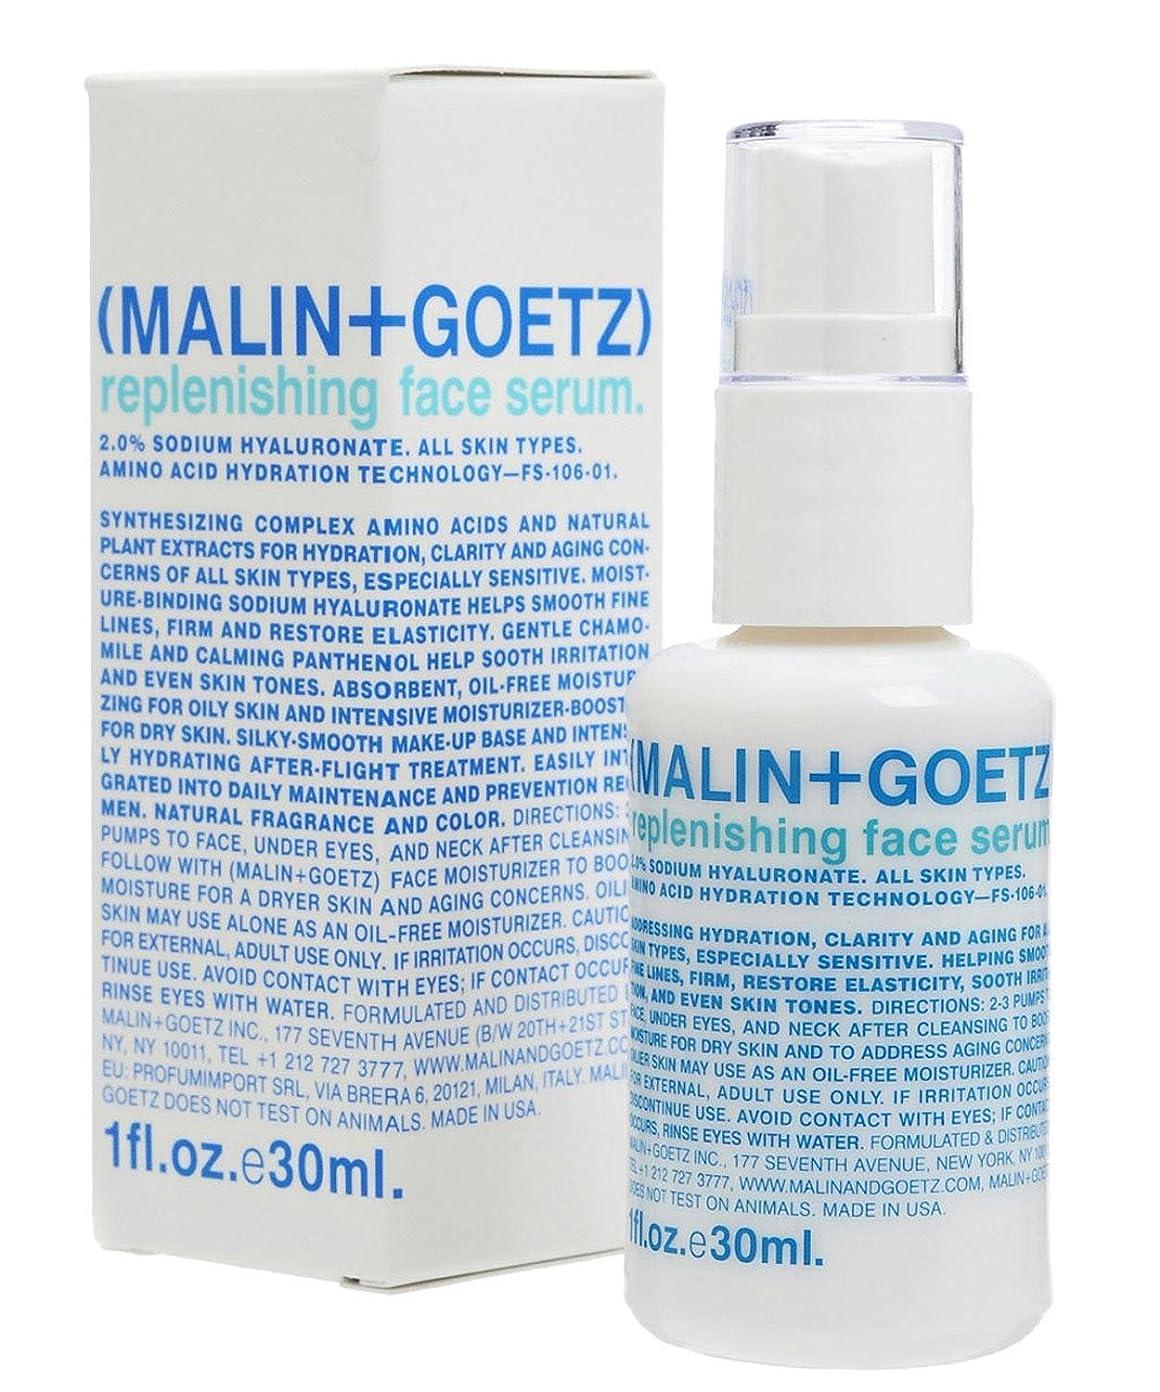 ソフィー主張哲学者マリン+ゲッツ補充顔の血清 x4 - MALIN+GOETZ Replenishing Face Serum (Pack of 4) [並行輸入品]